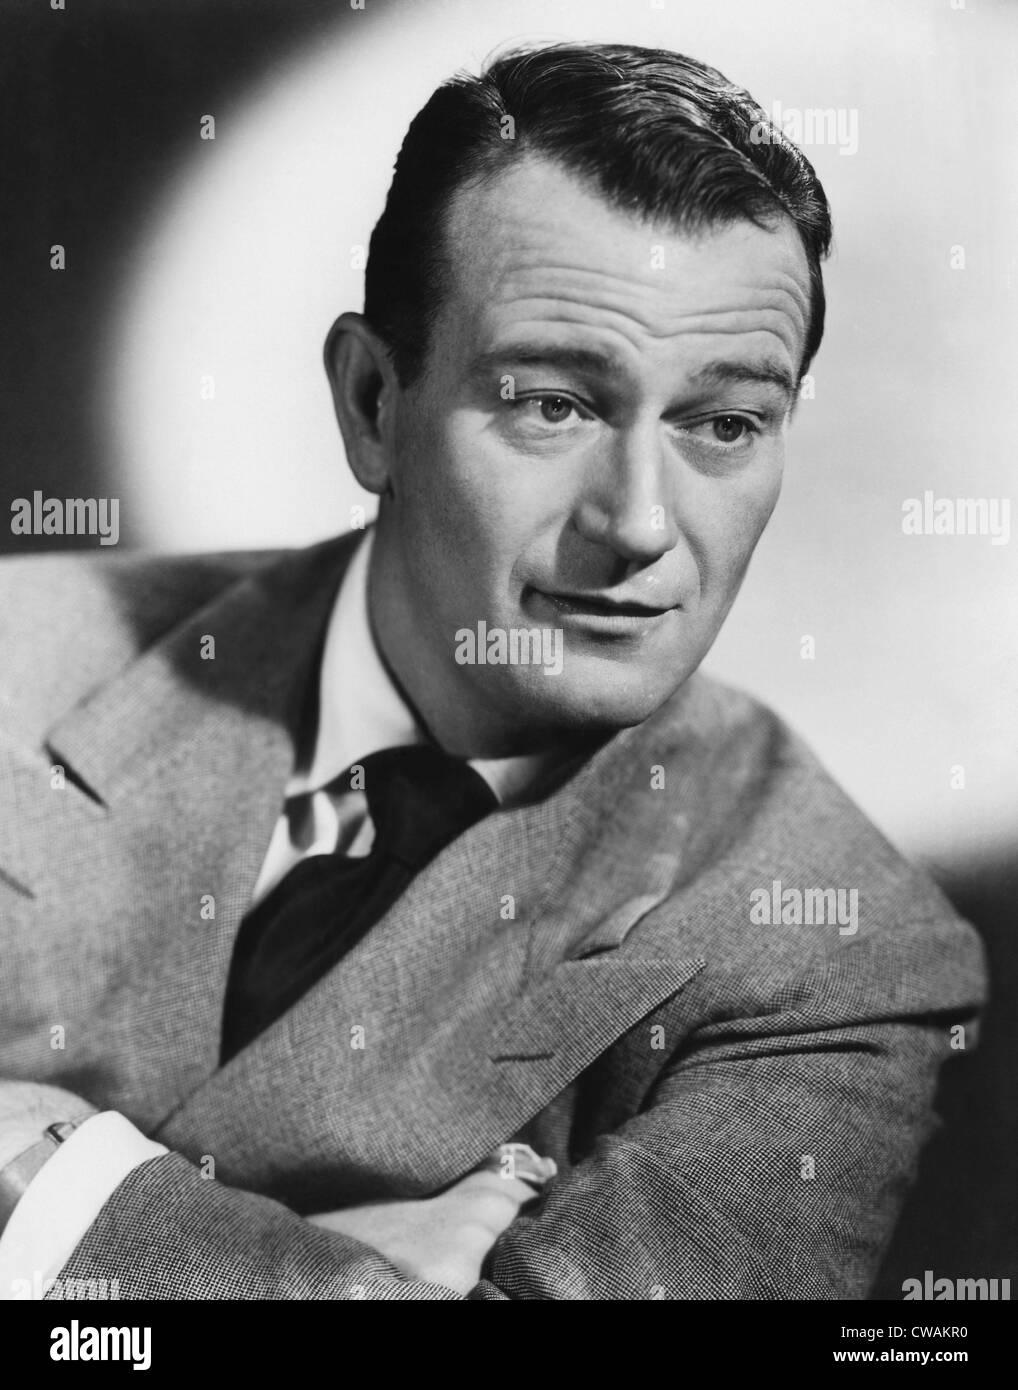 John Wayne (1907-1979), American actor, circa 1950. Courtesy: CSU Archives/Everett Collection - Stock Image